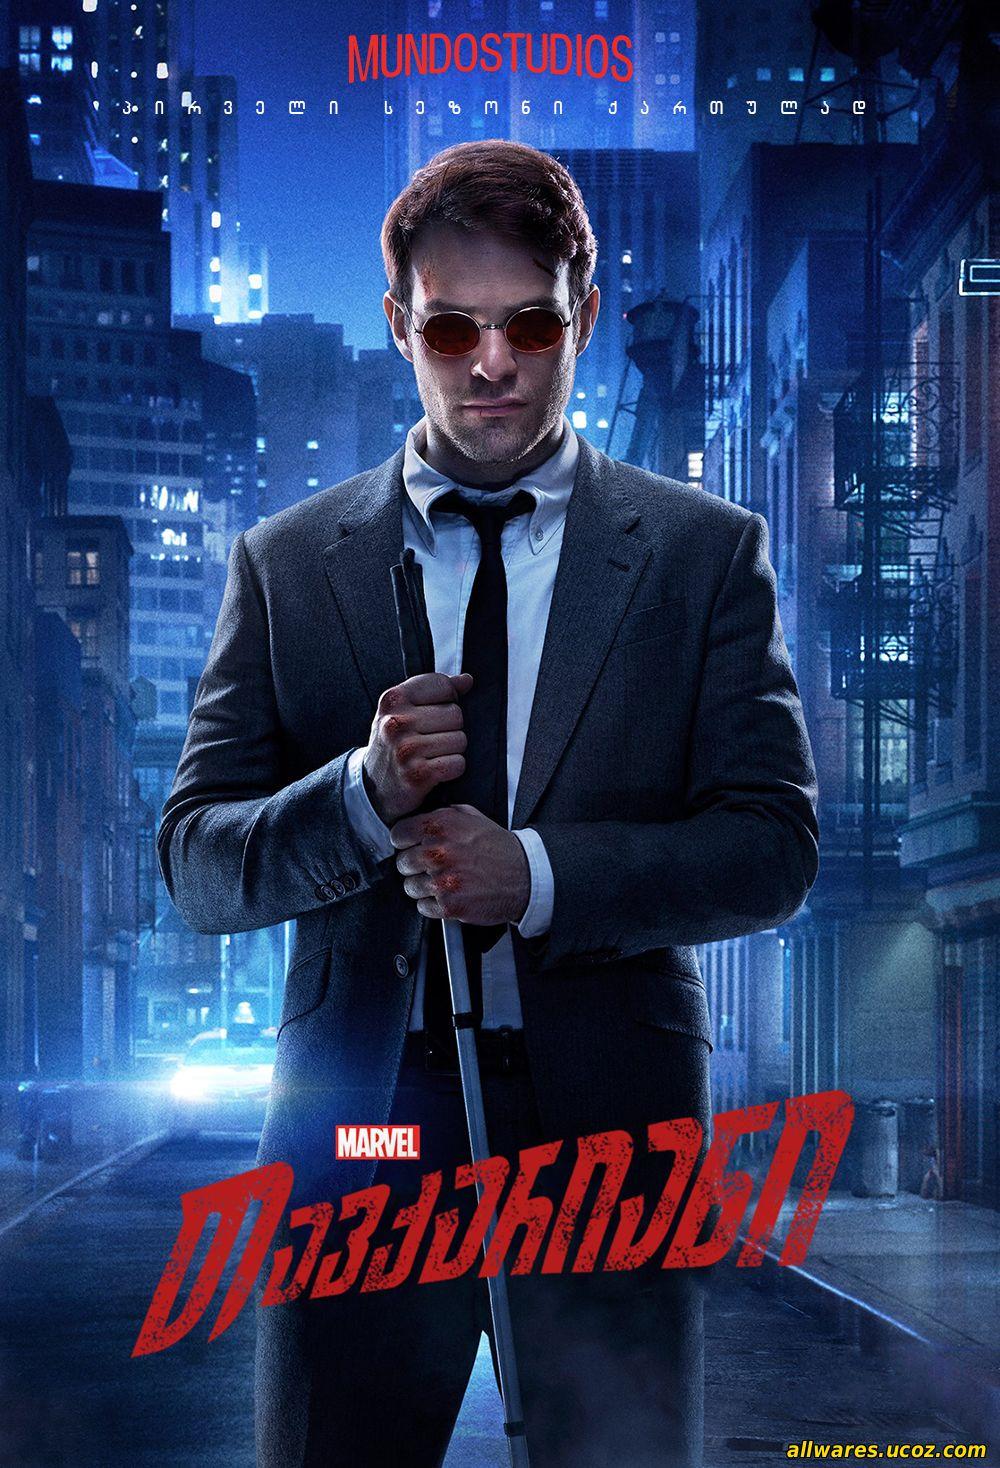 თავქარიანი (1 სერია) (ქართულად) / თავზეხელაღებული / Daredevil (2015)